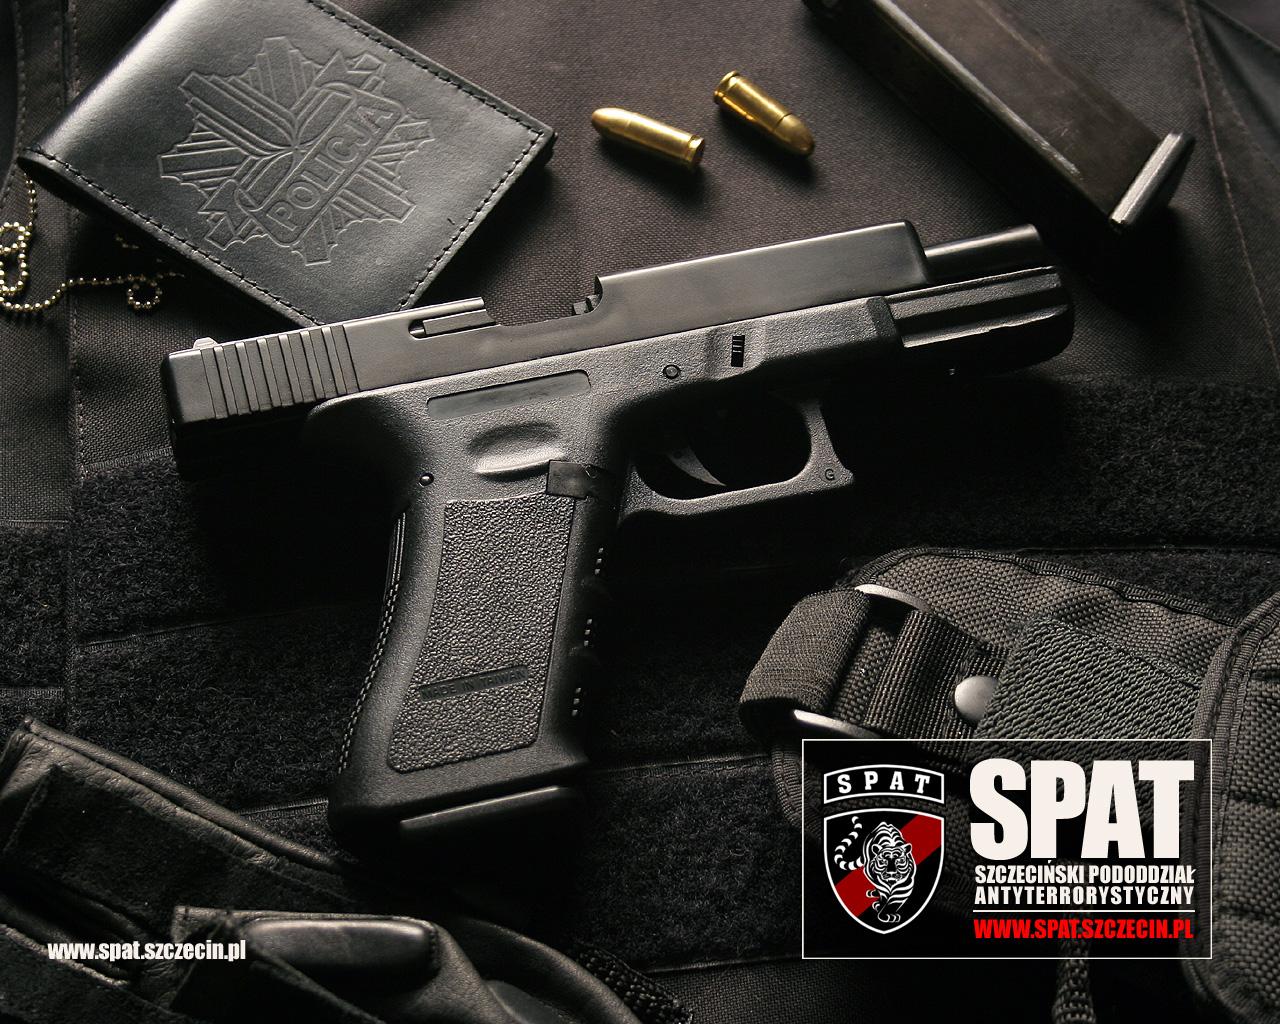 пистолет SWAT, обои для рабочего стола, скачать фото, hand gun wallpaper